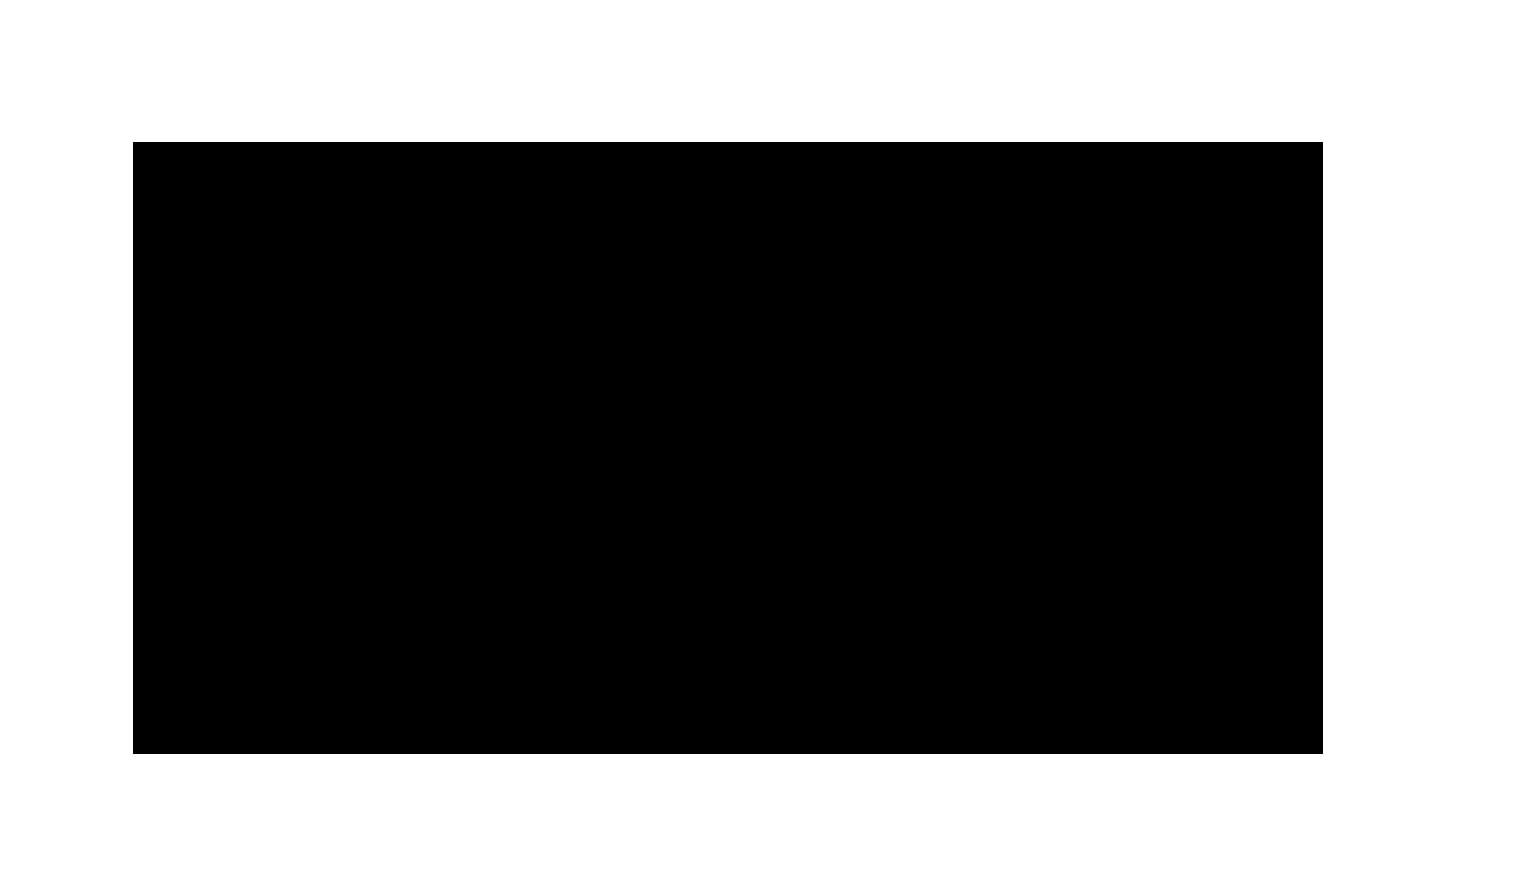 Käsi- ja taideteollisuusliitto Taito ry